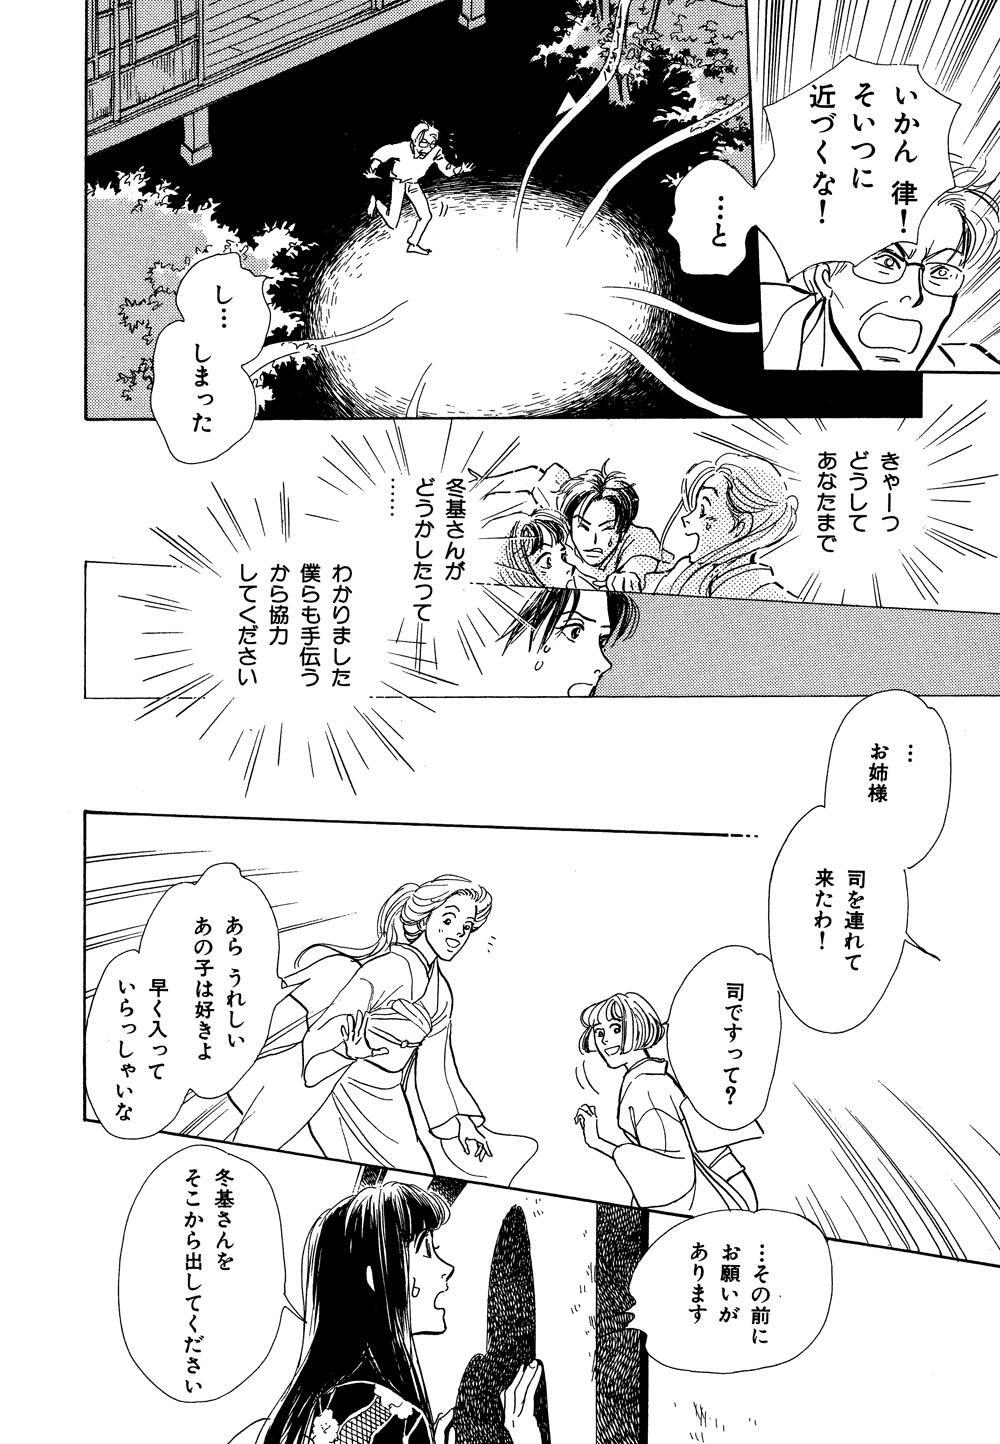 百鬼夜行抄_03_0112.jpg